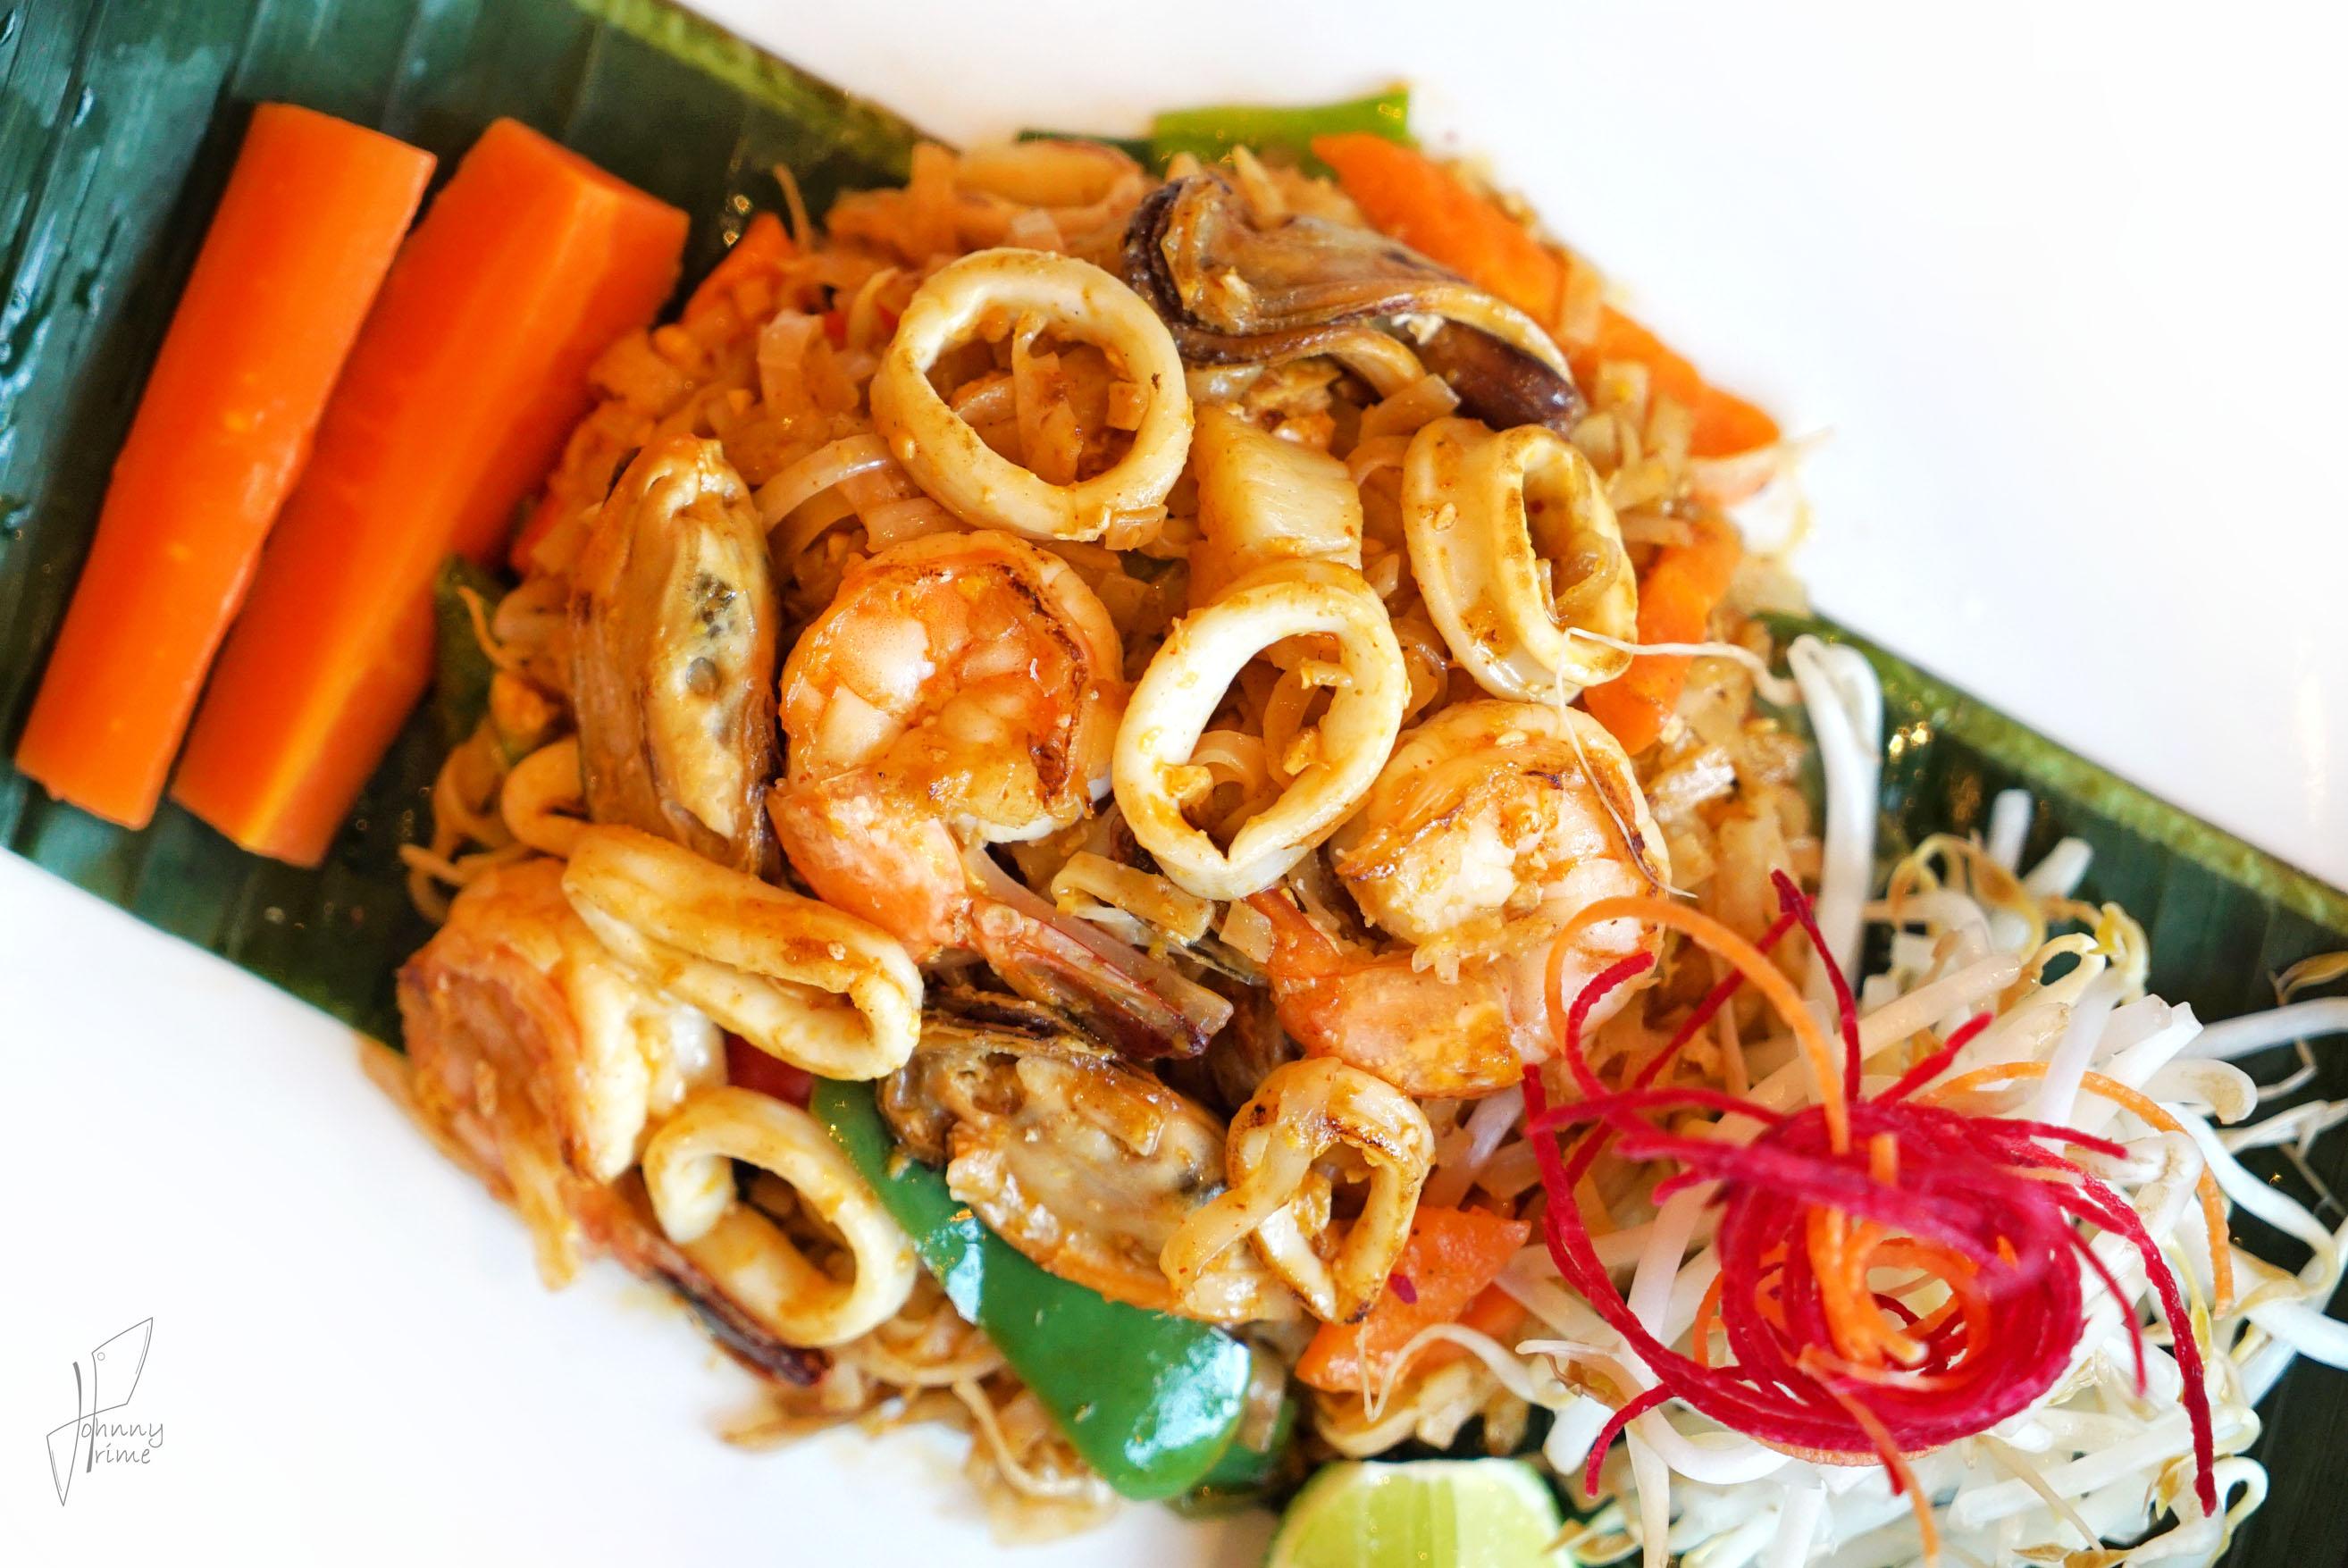 Báo Anh bình chọn Hà Nội là thành phố có ẩm thực hấp dẫn nhất thế giới! - Ảnh 45.